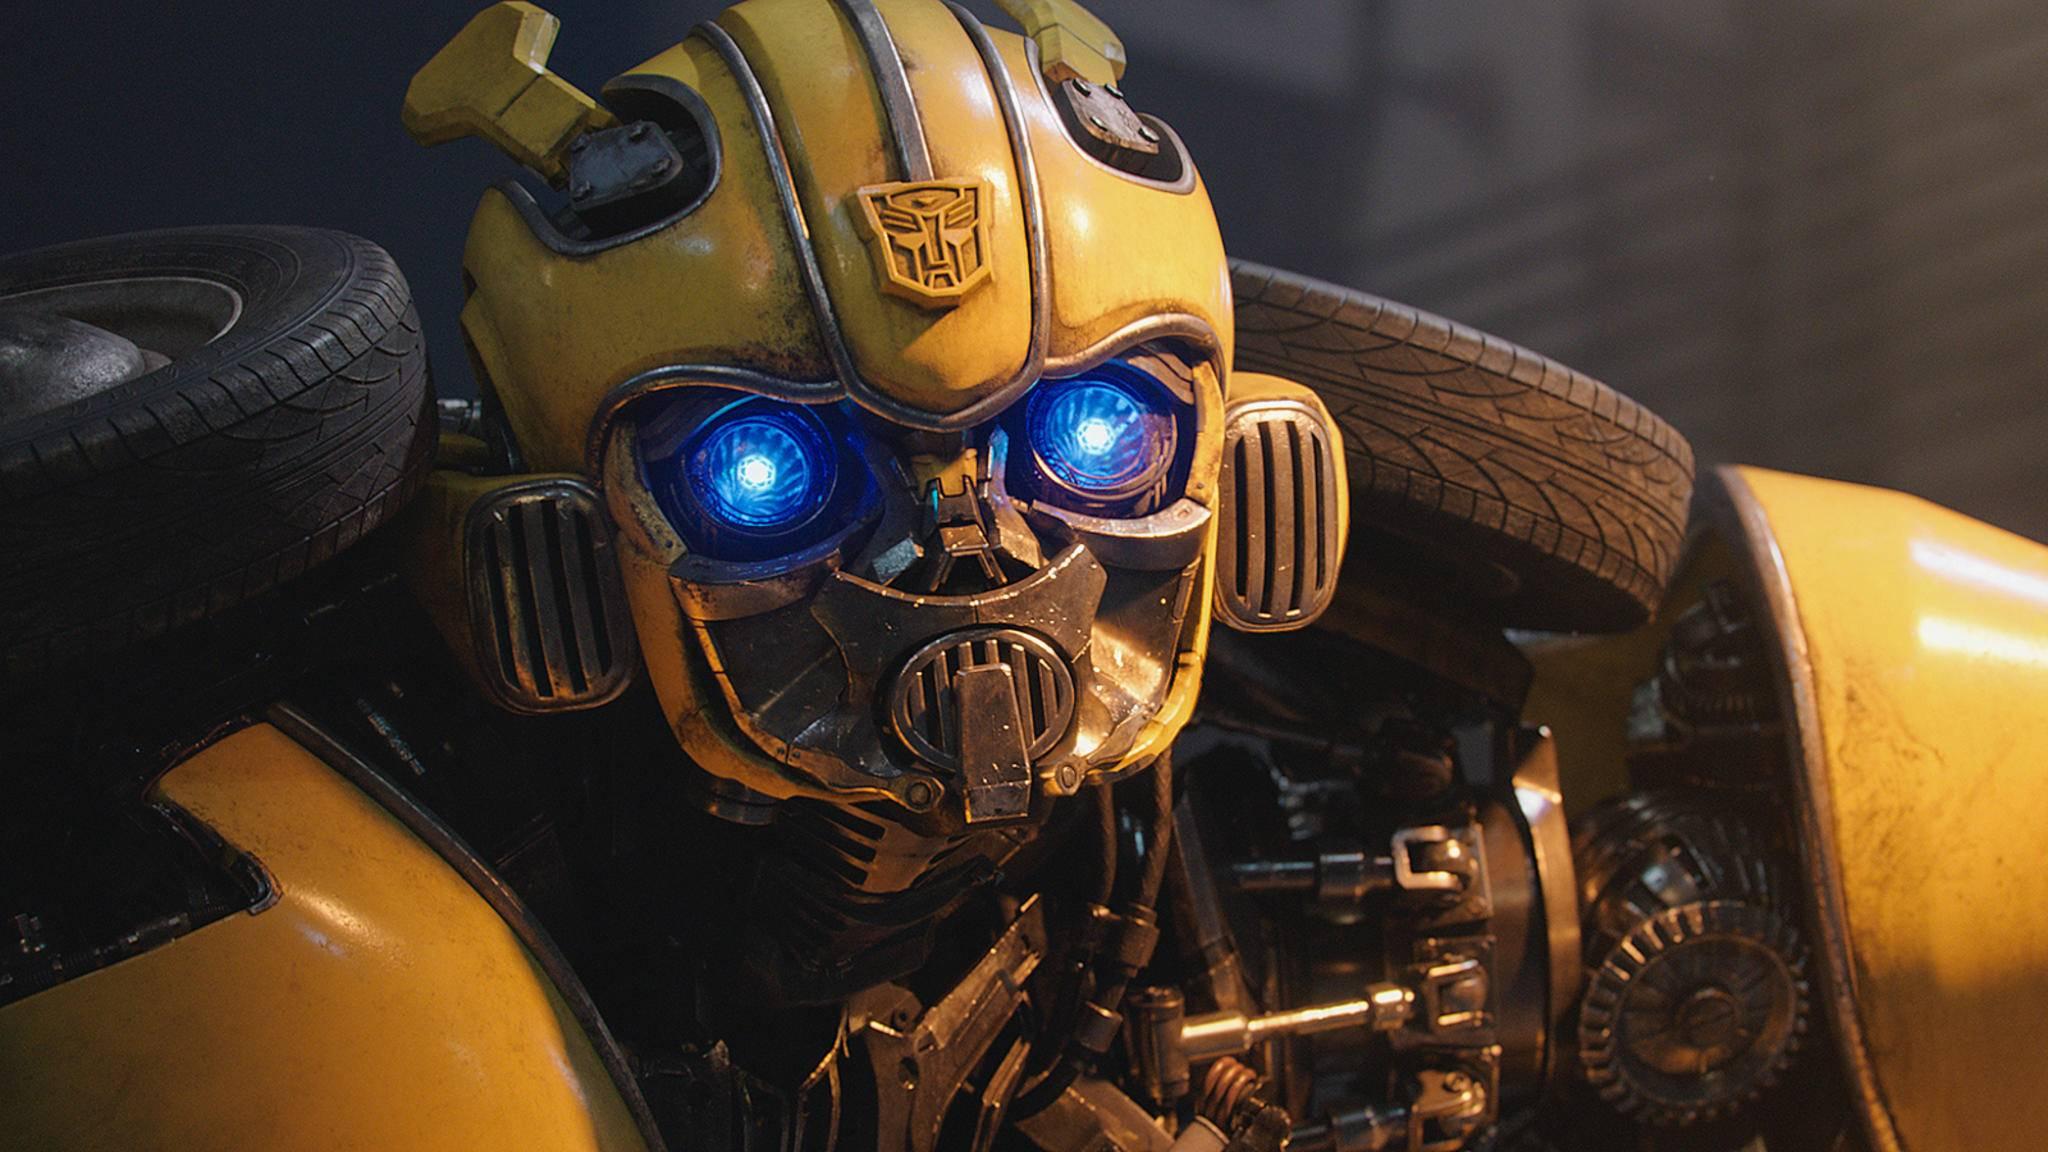 Bee ist in seinem ersten Solofilm richtig niedlich – auch aufgrund des neuen G1-Looks.